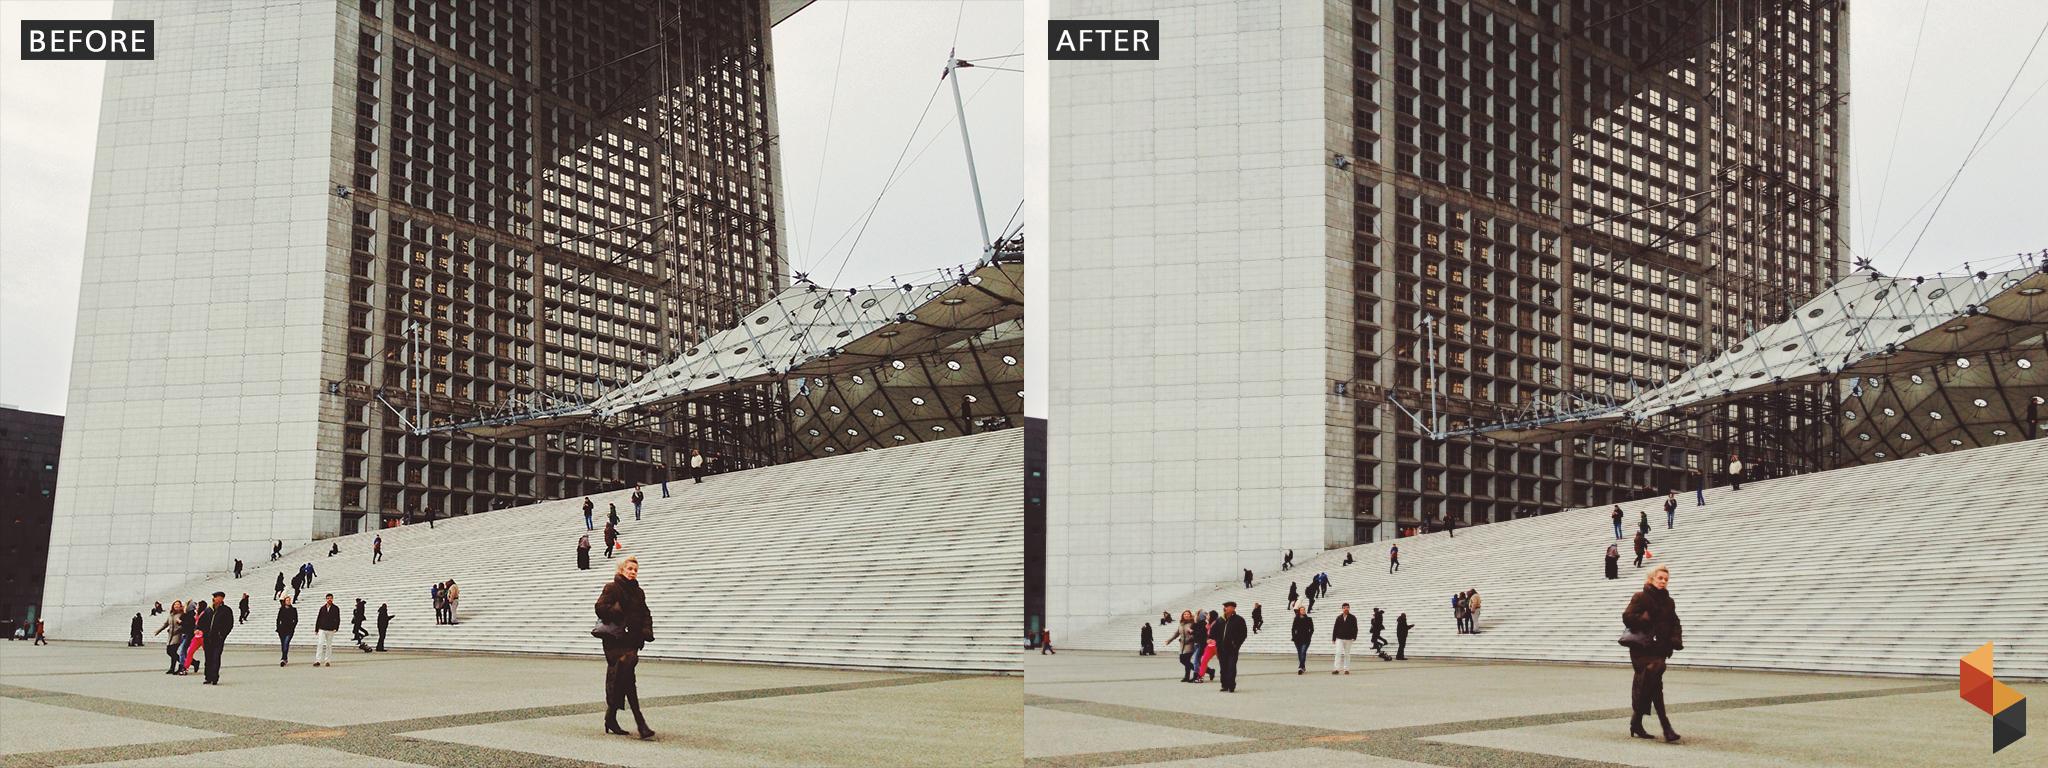 Po lewej zdjęcie nowoczesnego budynku, po prawej to samo zdjęcie po retuszu.